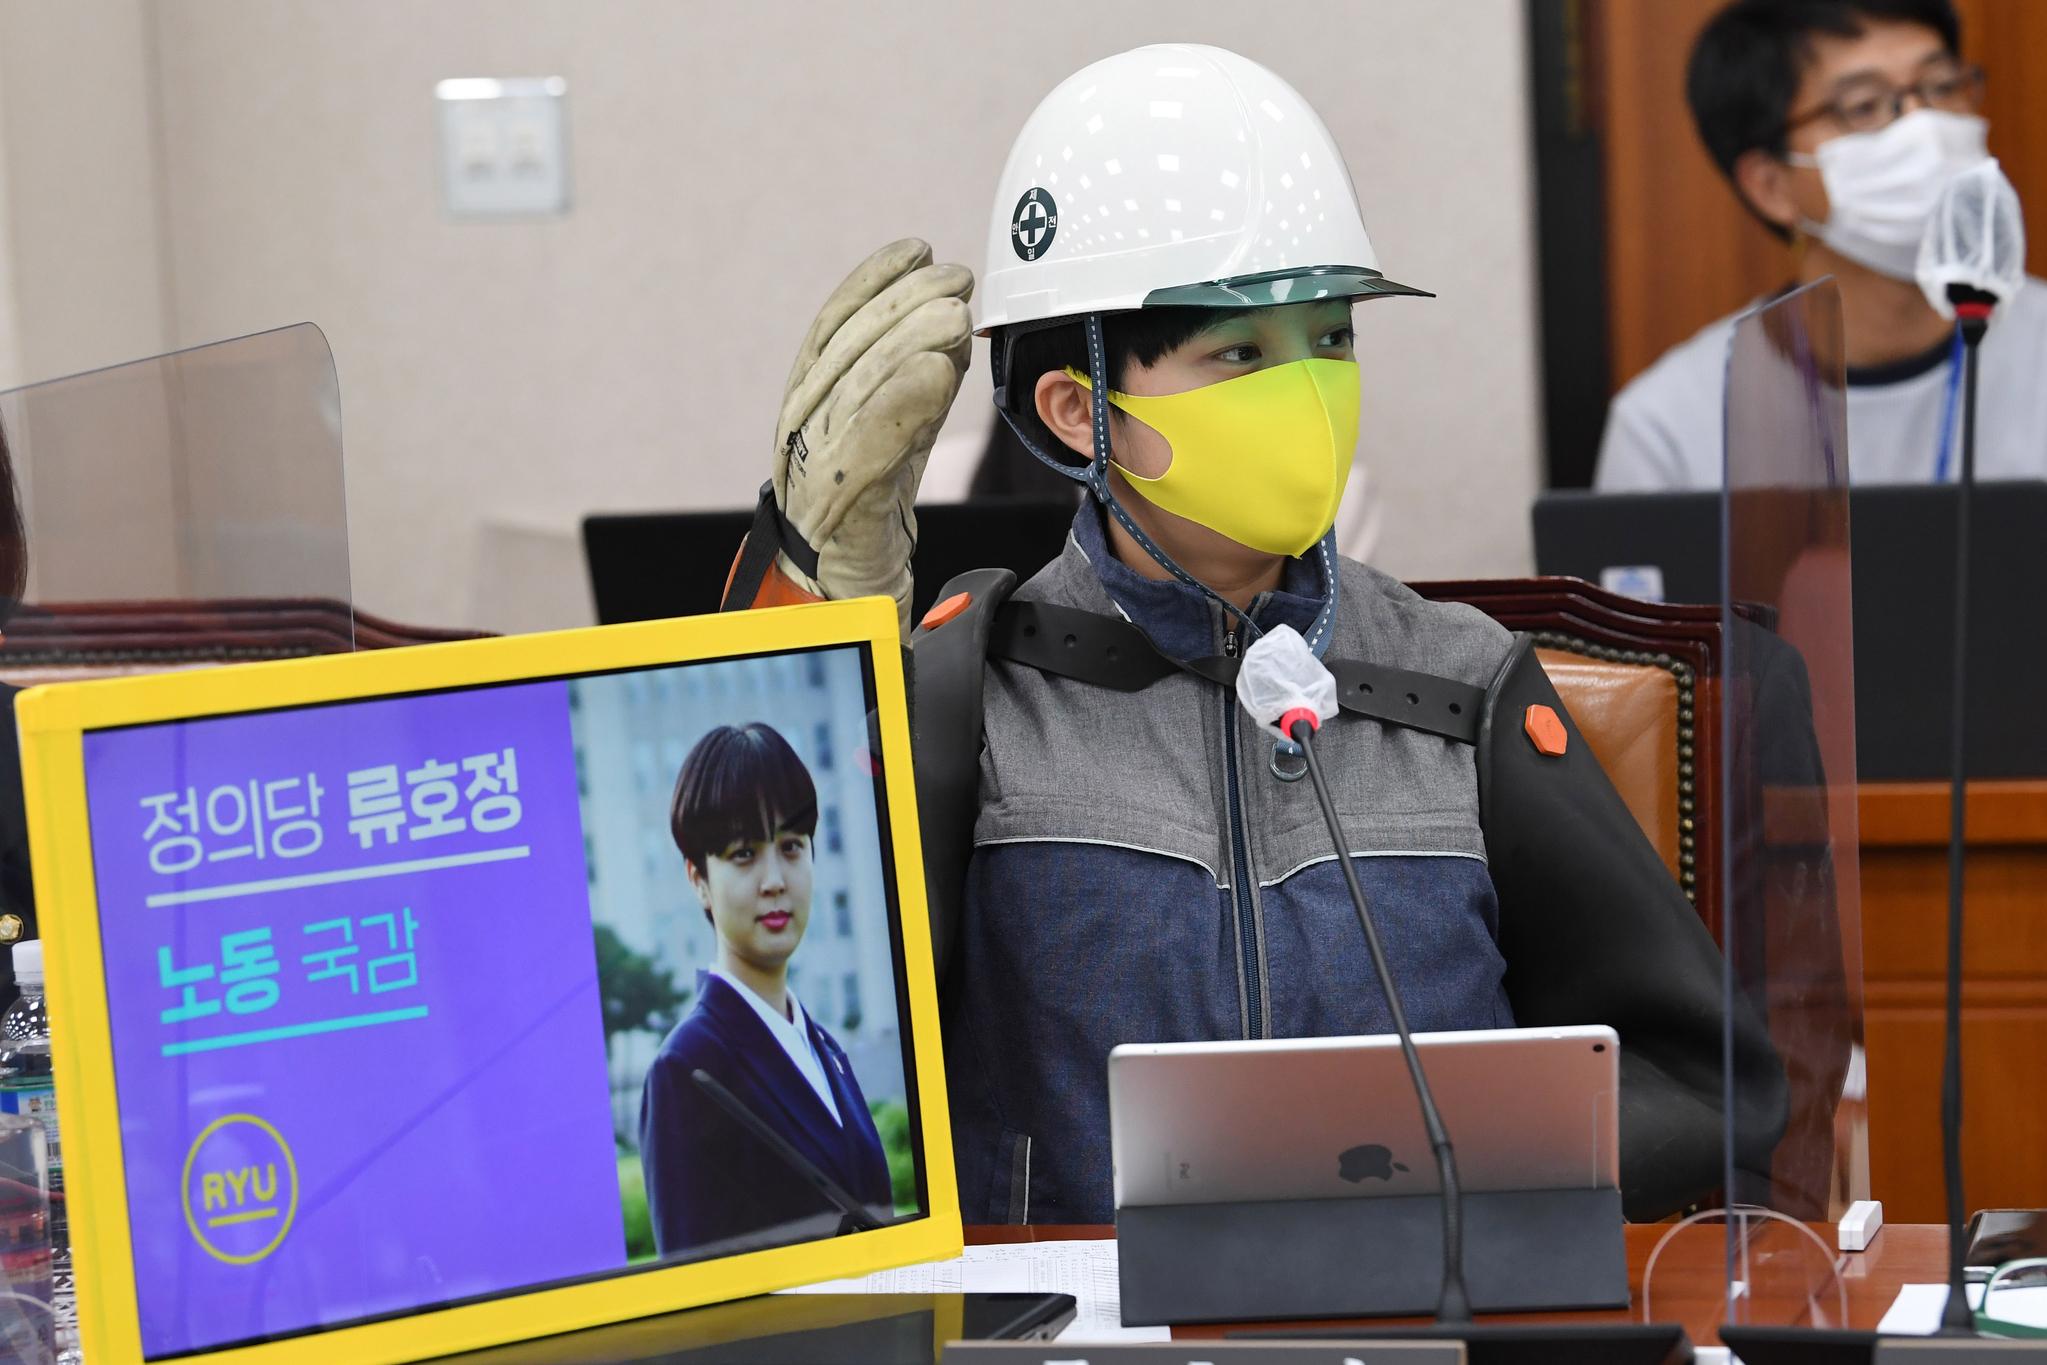 류호정 정의당 의원이 15일 서울 여의도 국회에서 열린 산업통상자원중소벤처기업위원회의의 한국전력공사, 한국수력원자력, 한국전력거래소,한국남동발전 등에 대한 국정감사에서 배선 노동자의 작업복을 입고 질의를 하고 있다. 뉴스1